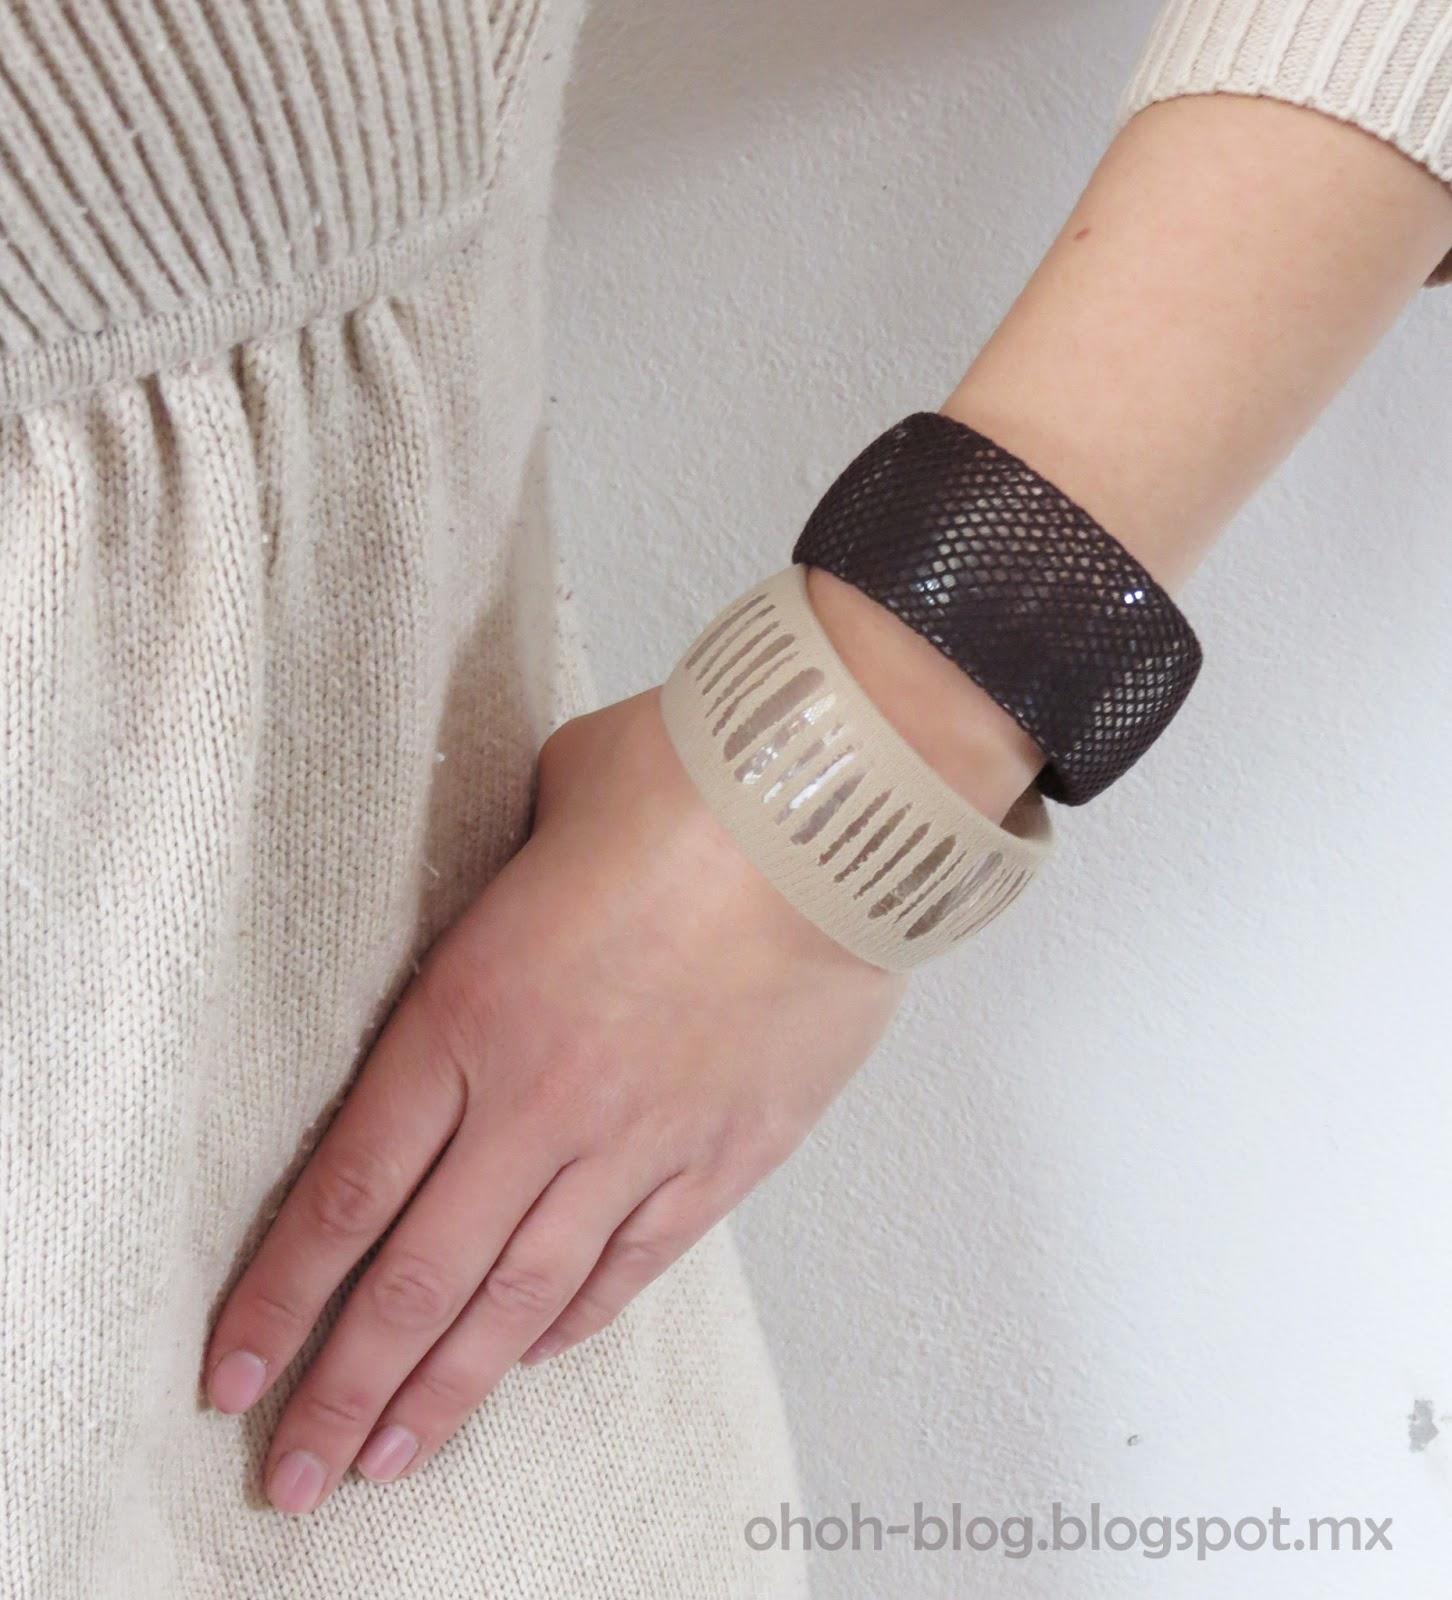 """imagenes de pulseras de plastico - Soñar con """"soñe q compraba pulseras de plastico todo color """""""